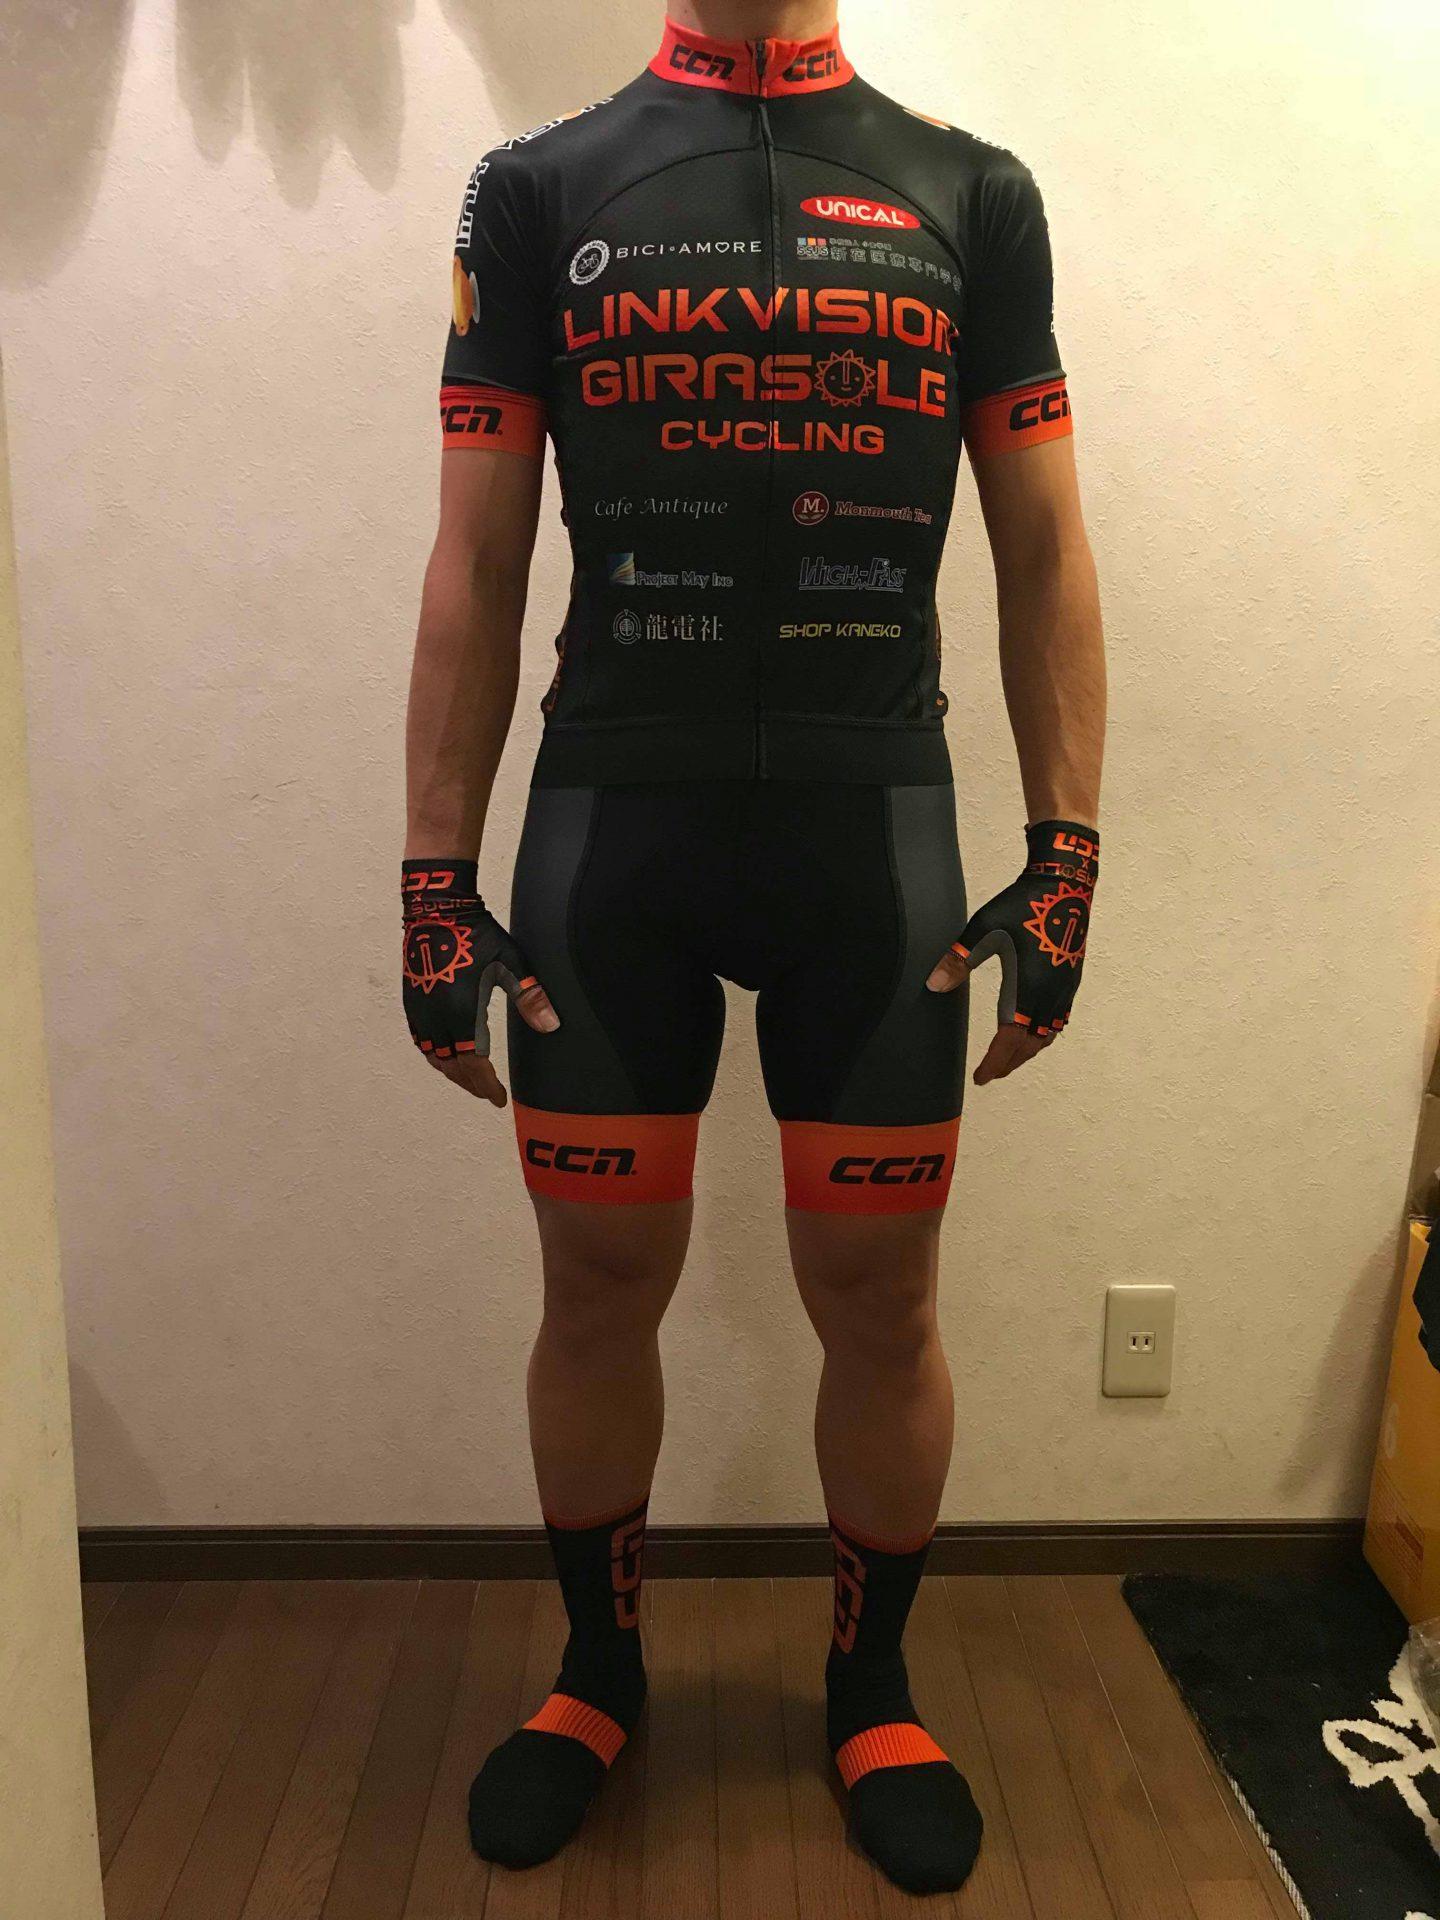 ロードレース実業団「LINKVISION GIRASOLE CYCLING」チームのユニフォームにユニカルロゴが入りました!